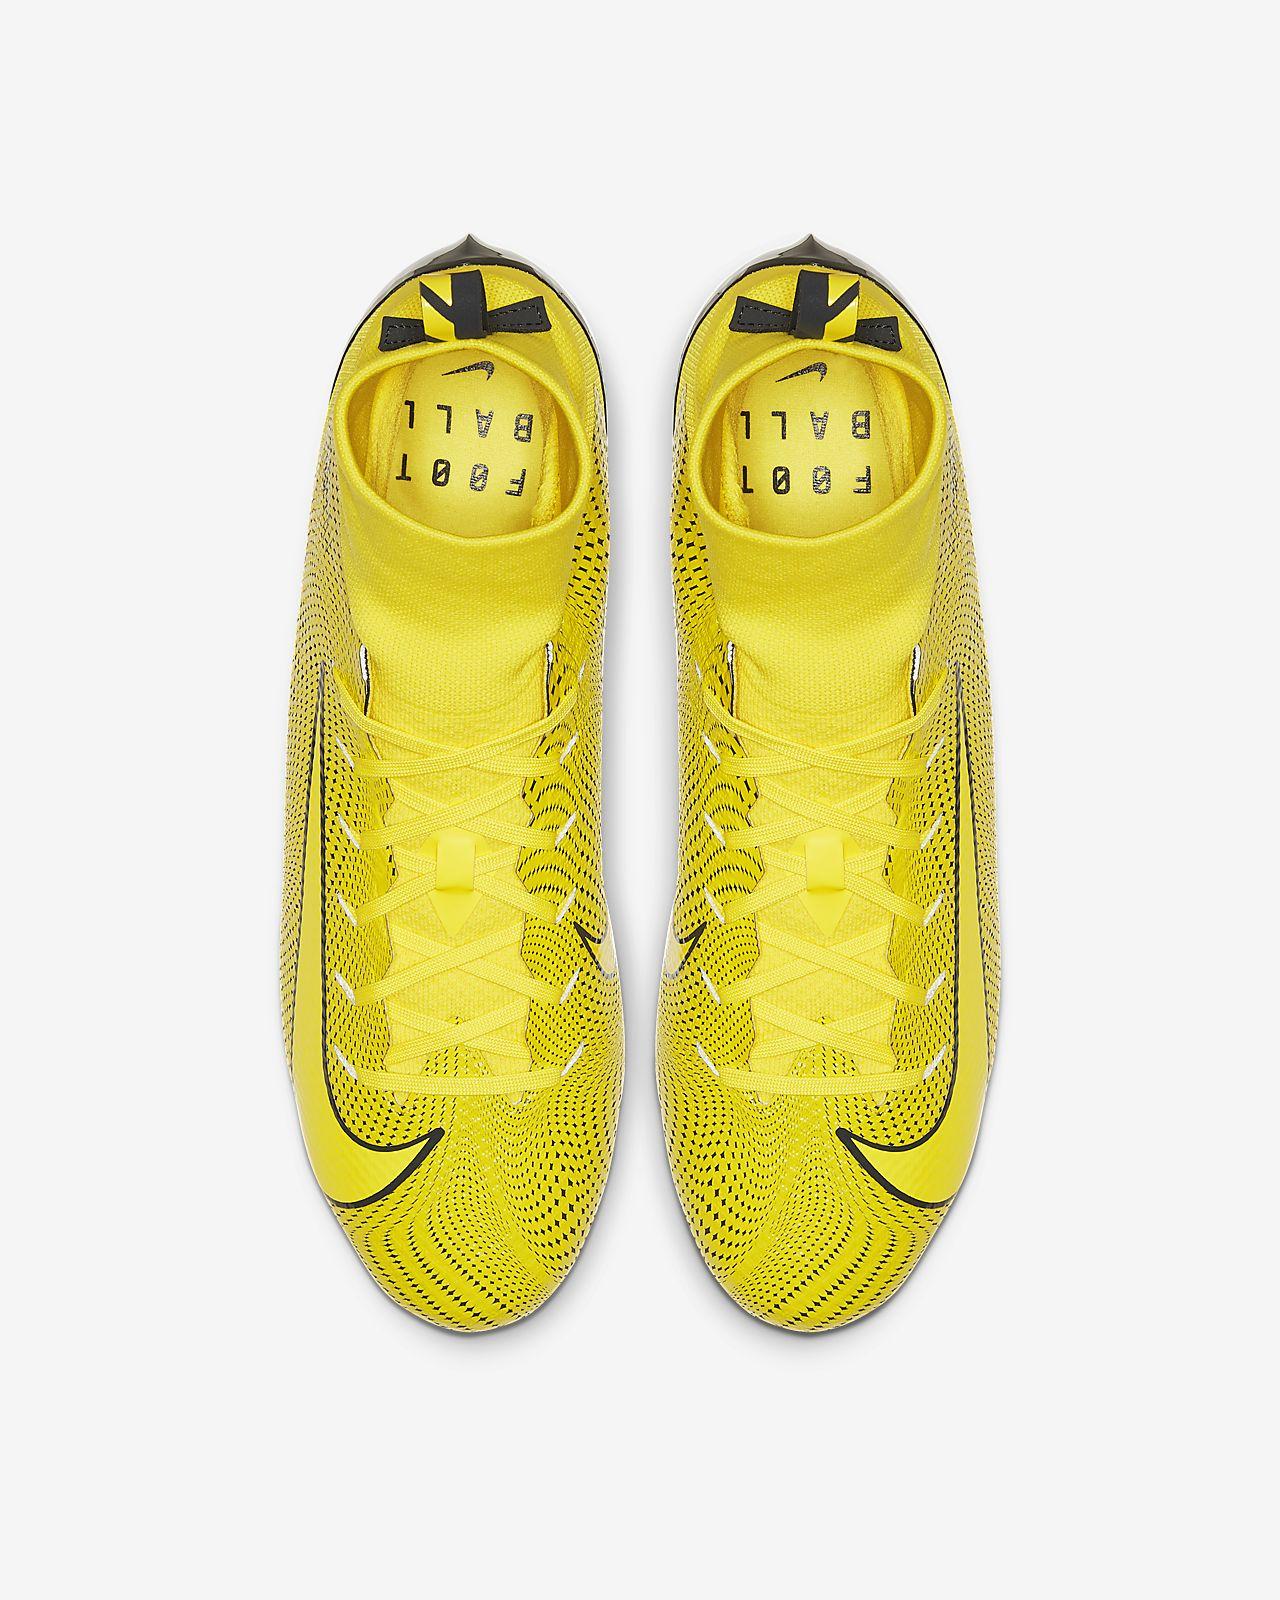 069d7a777d22 Nike Vapor Untouchable 3 Pro Football Cleat. Nike.com